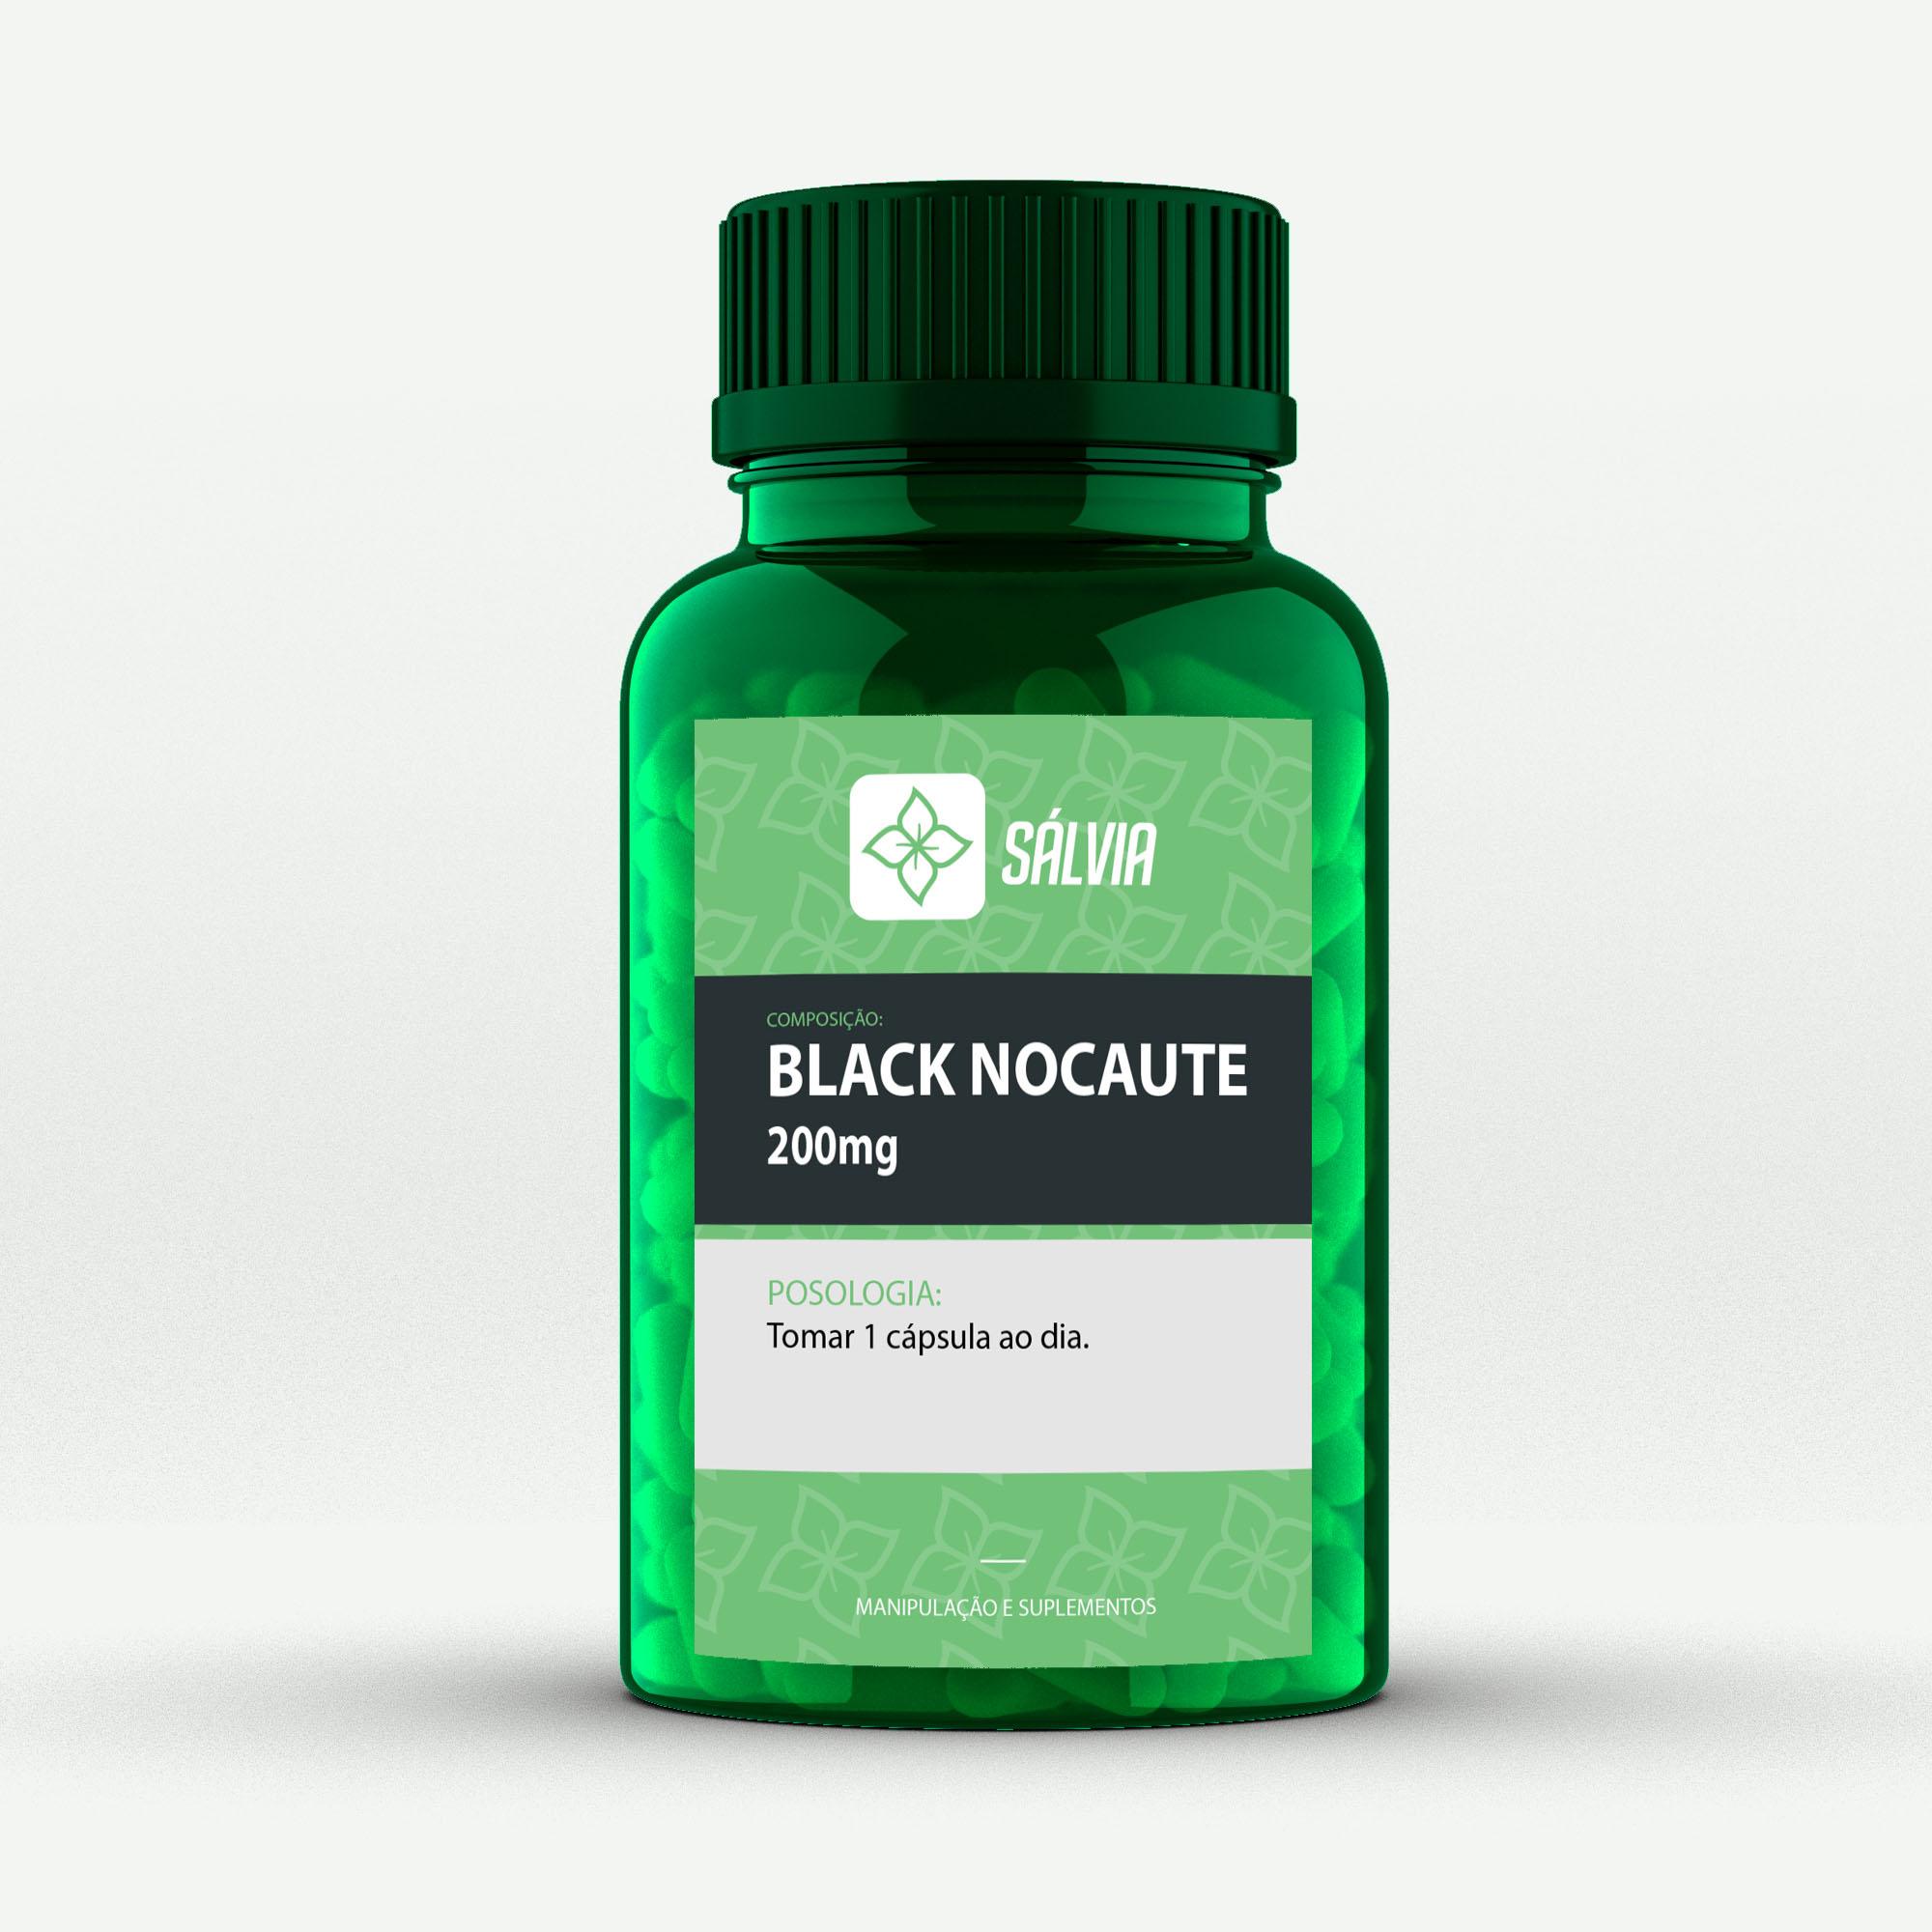 BLACK NOCAUTE 200mg - Cápsulas